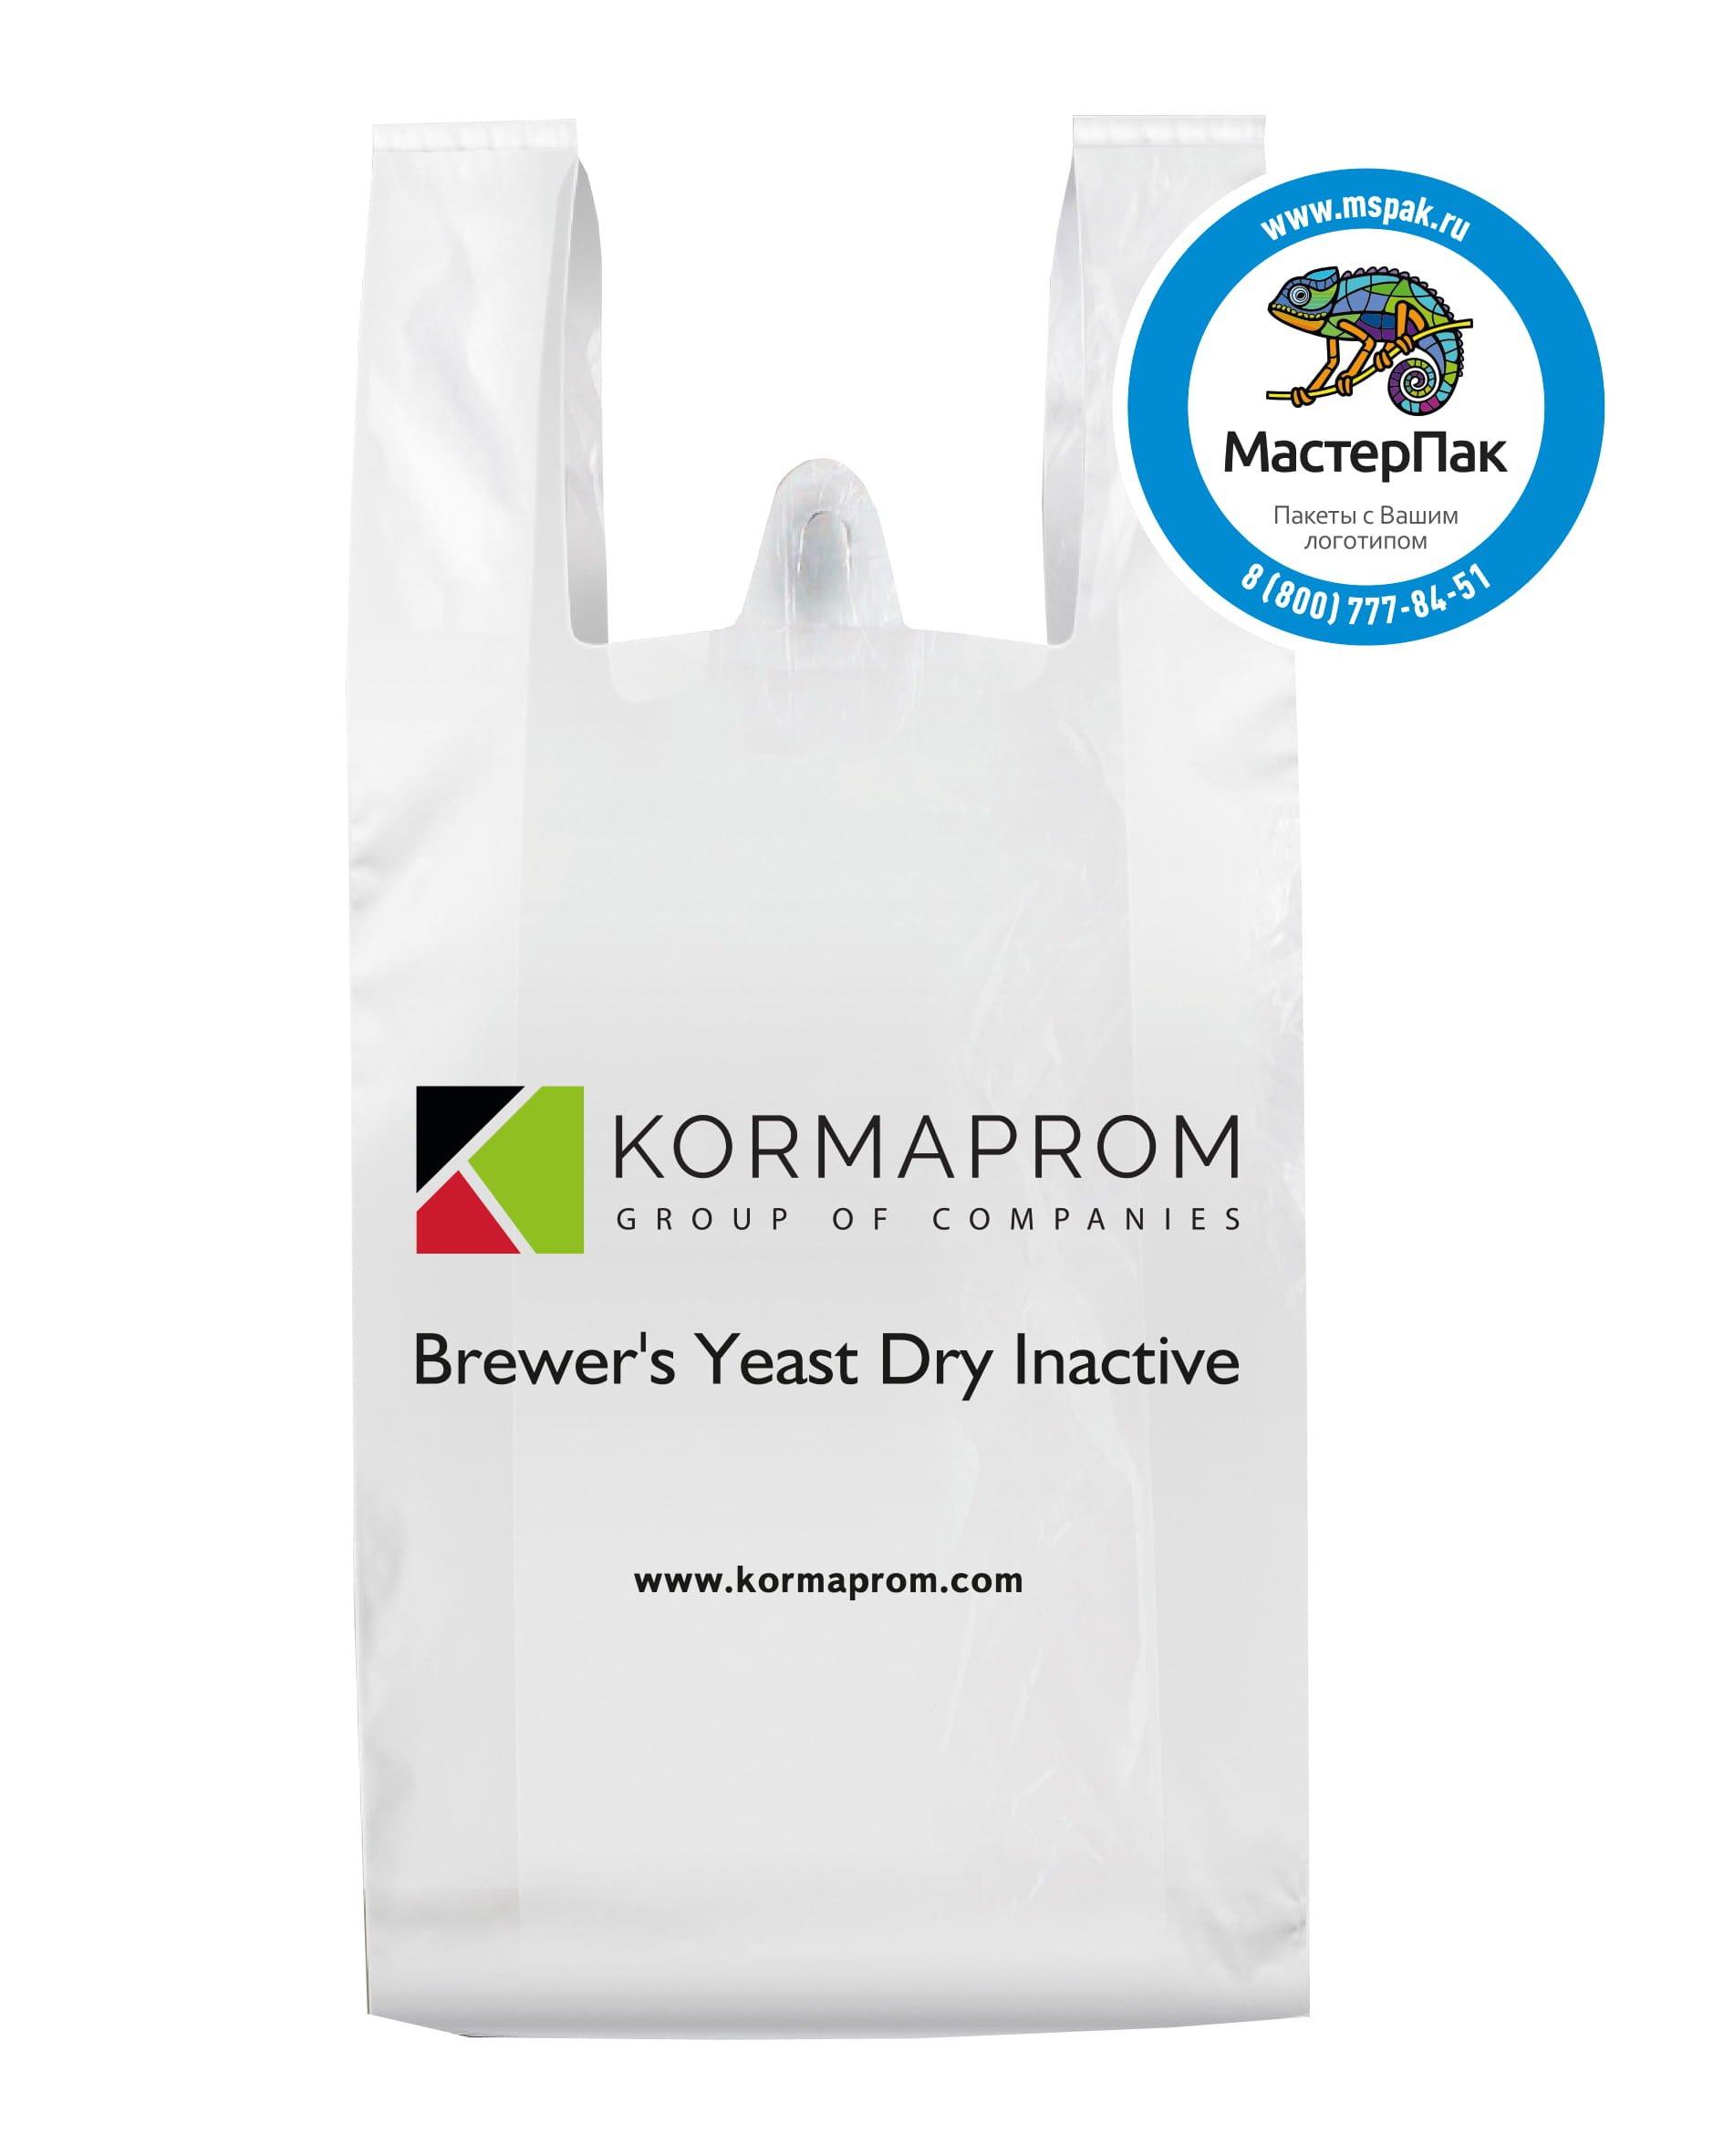 Пакет-майка с логотипом, флексопечать, ПНД для производителя комбикормов и кормовых добавок Kormaprom от МастерПАК